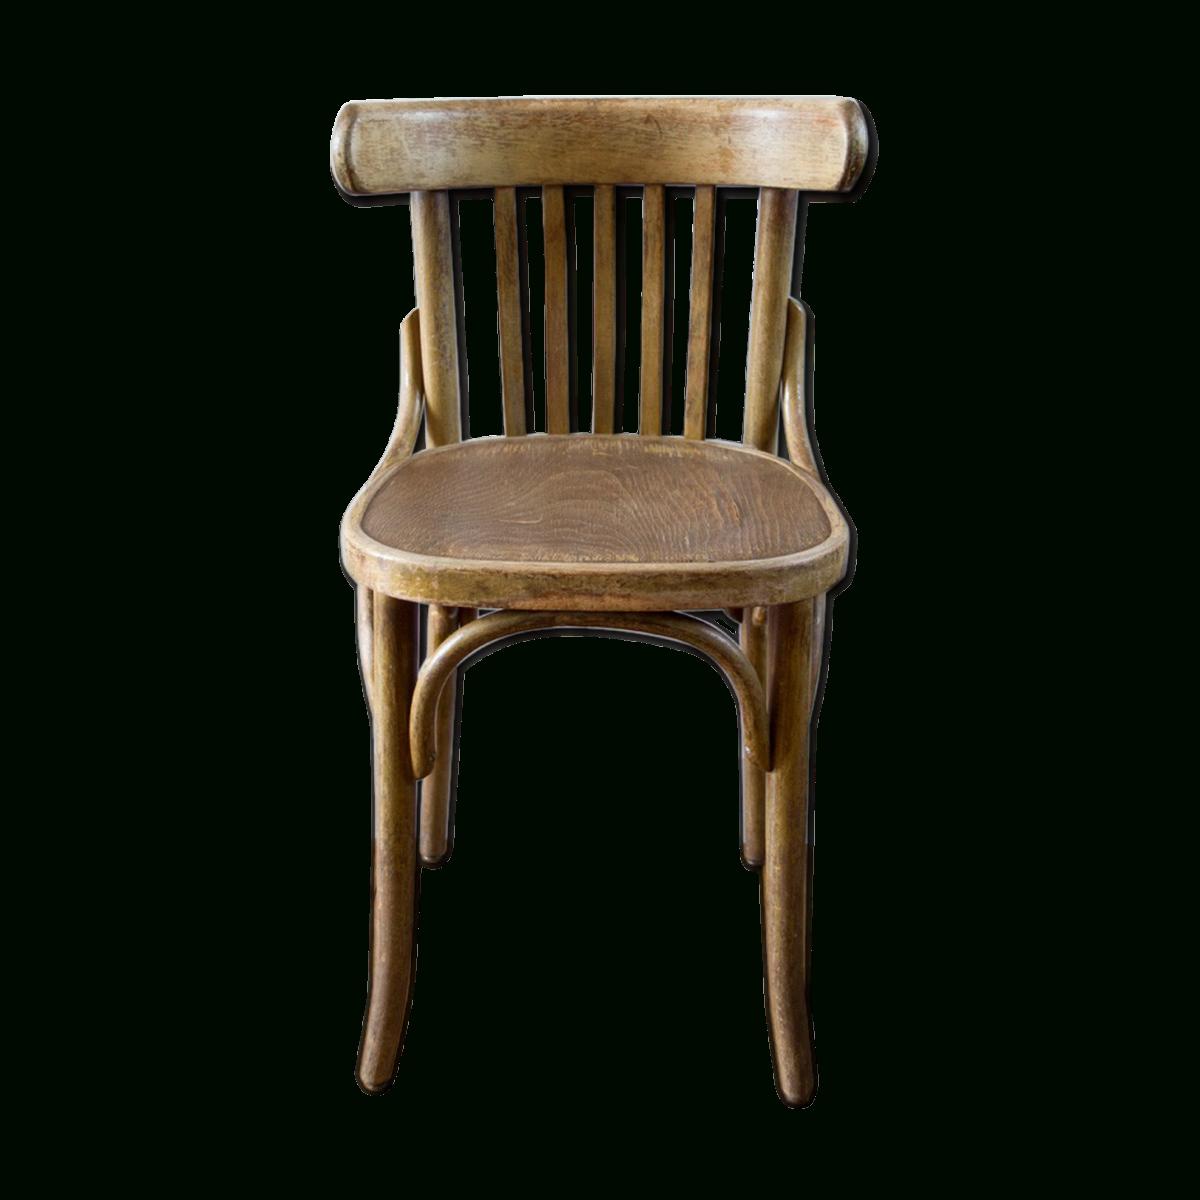 Ancienne Chaise Bistrot De Couleur Marron. tout Chaises Bistrot But